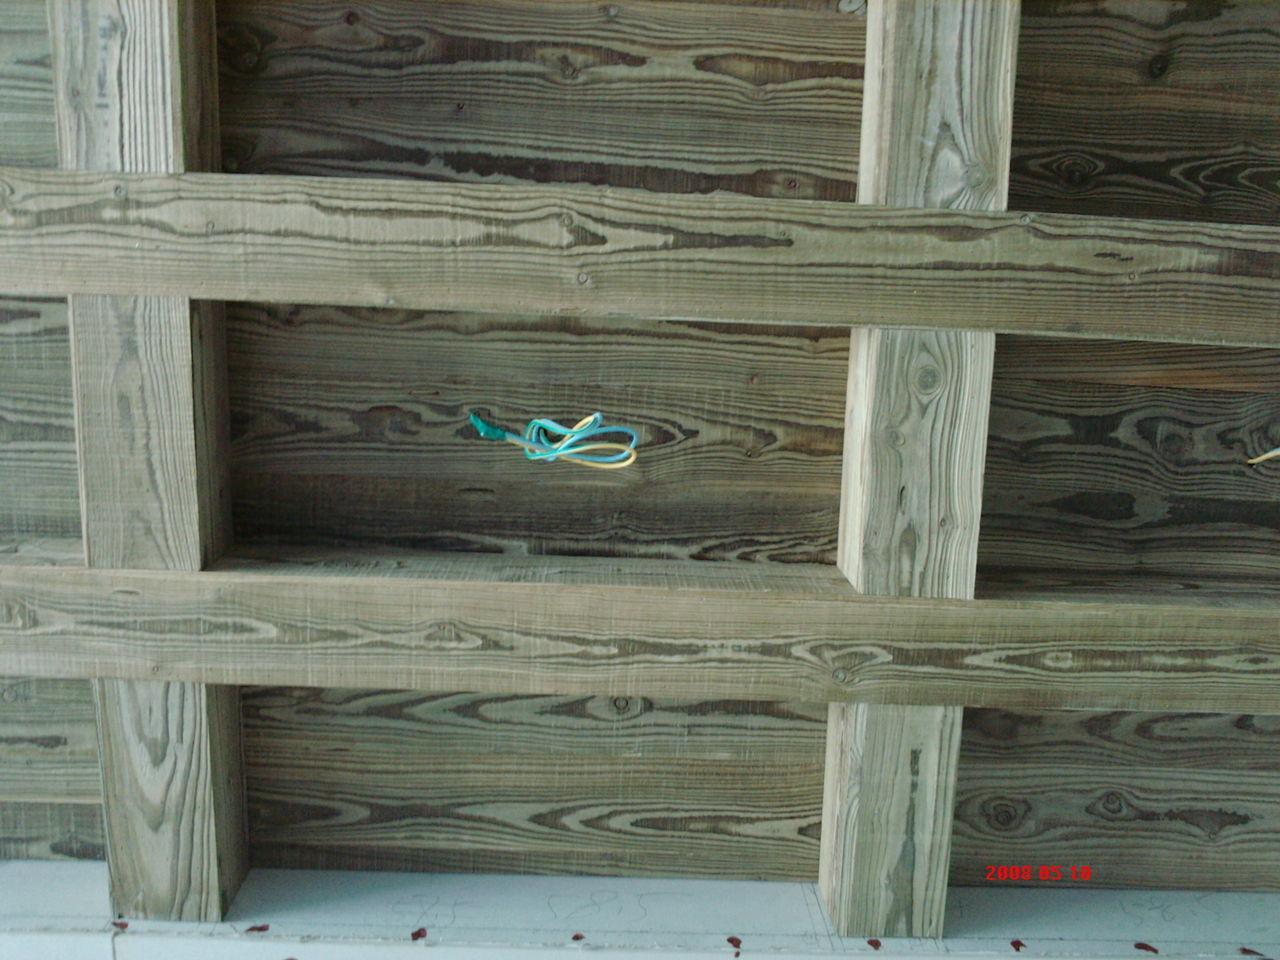 永昌肌理古船木板吊顶装饰-炭化木浮雕板